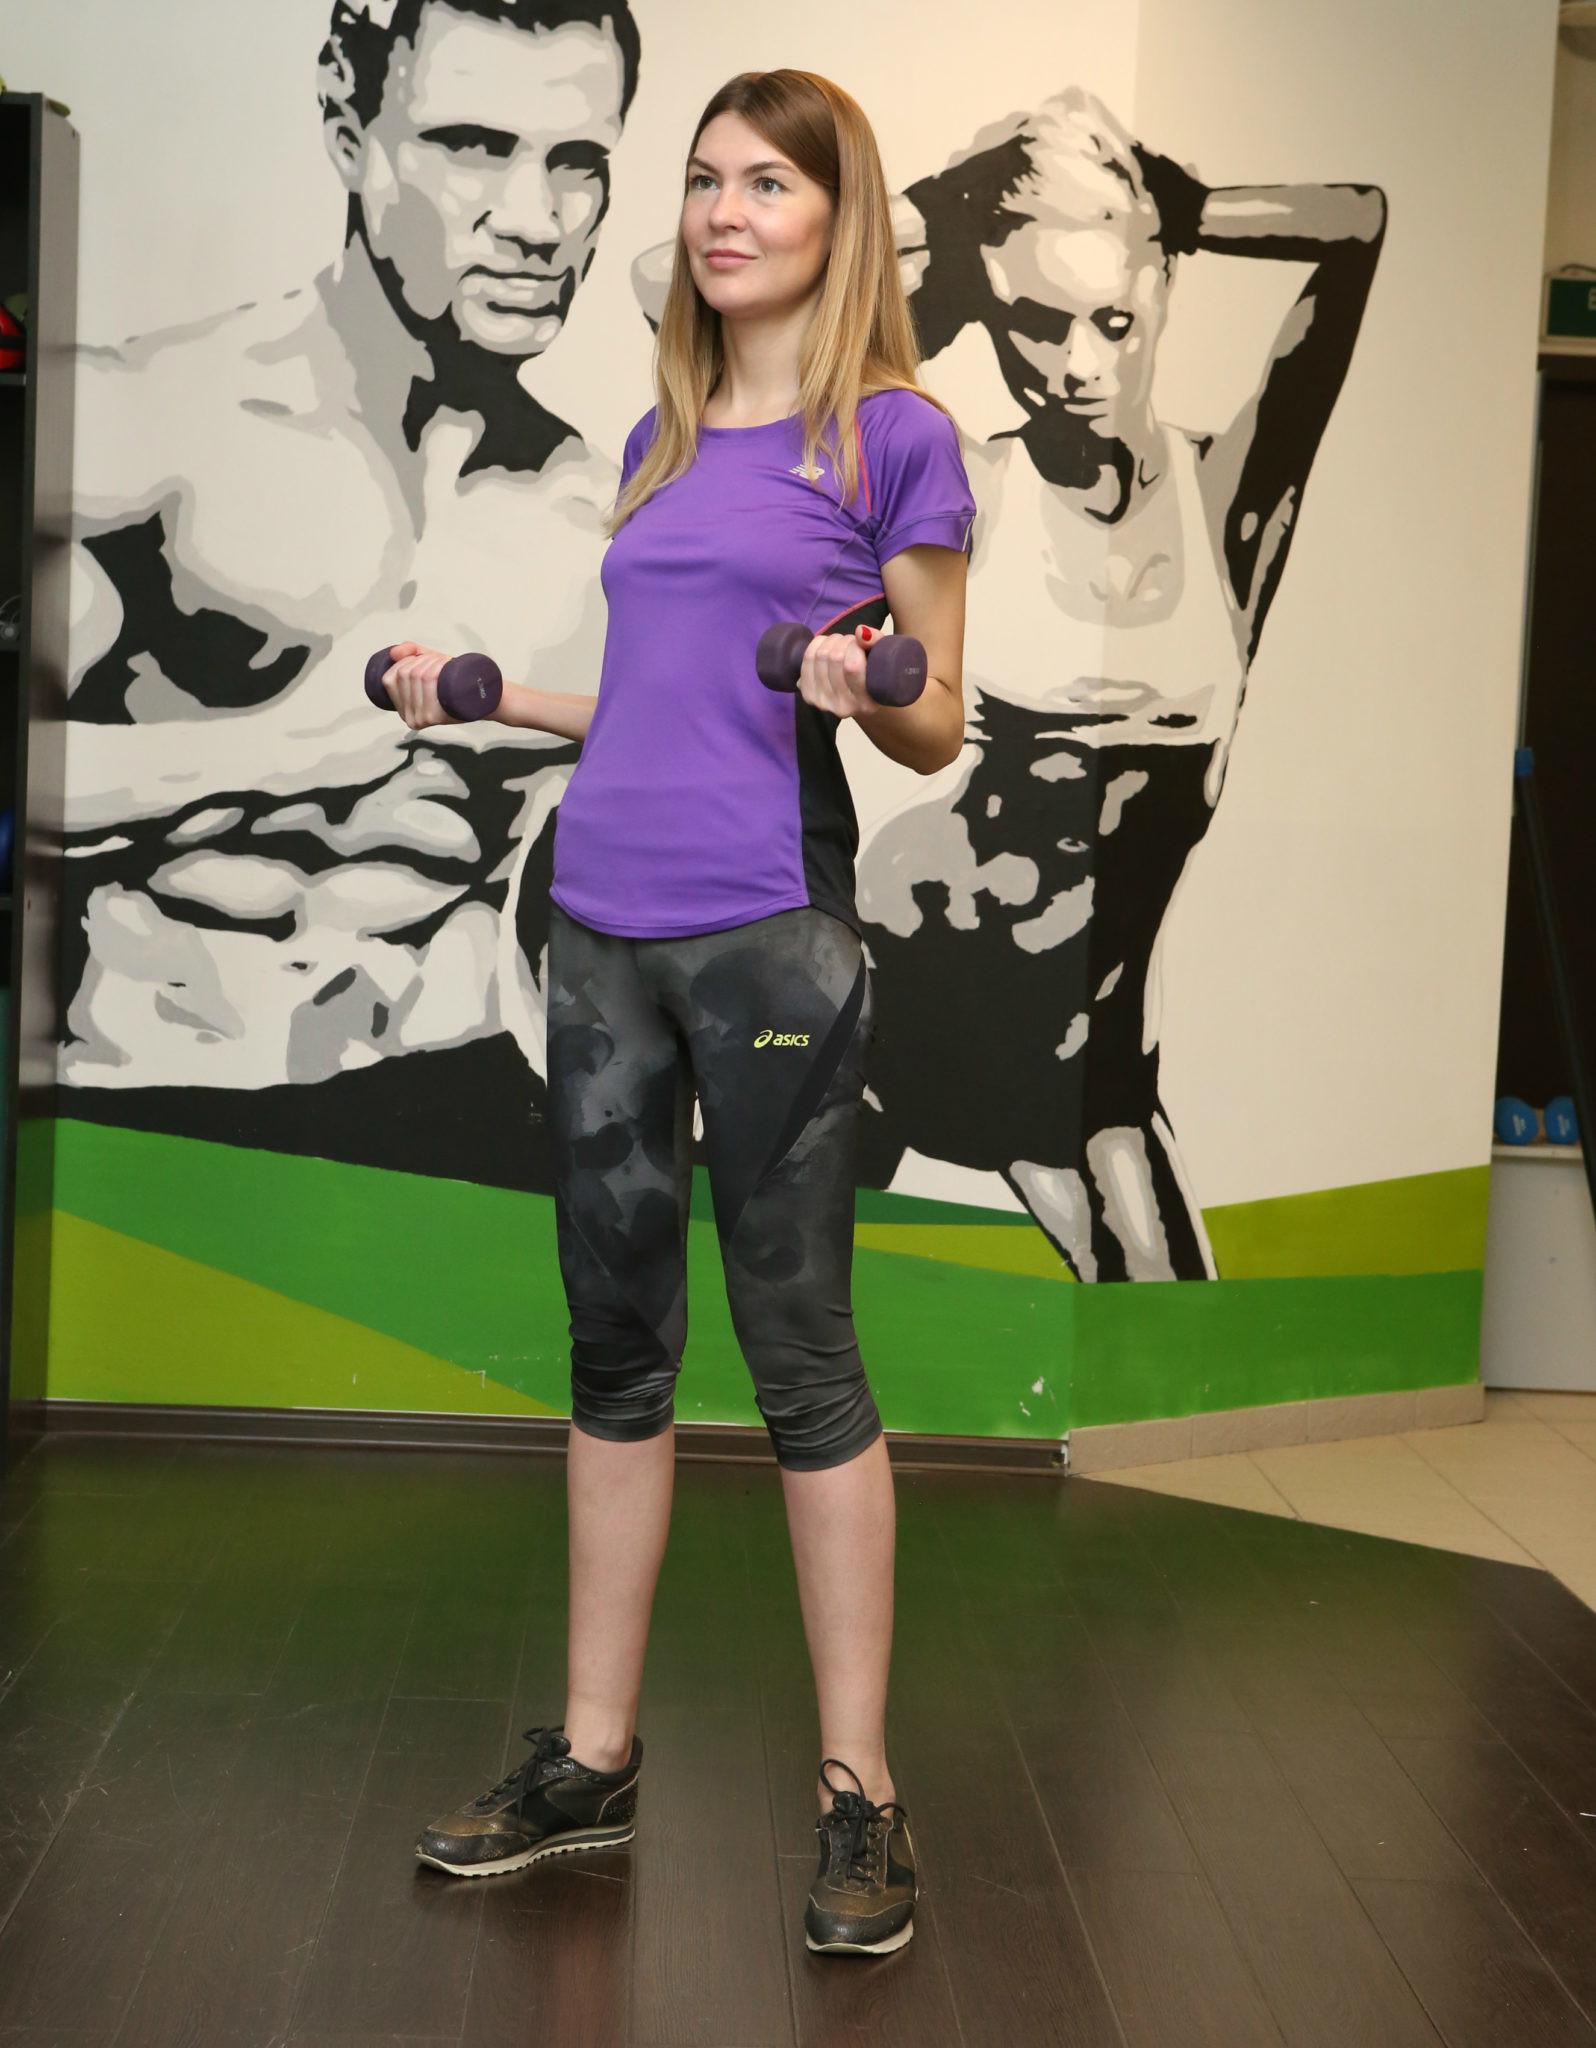 7 бесполезных упражнений, которые не посоветует ни один тренер